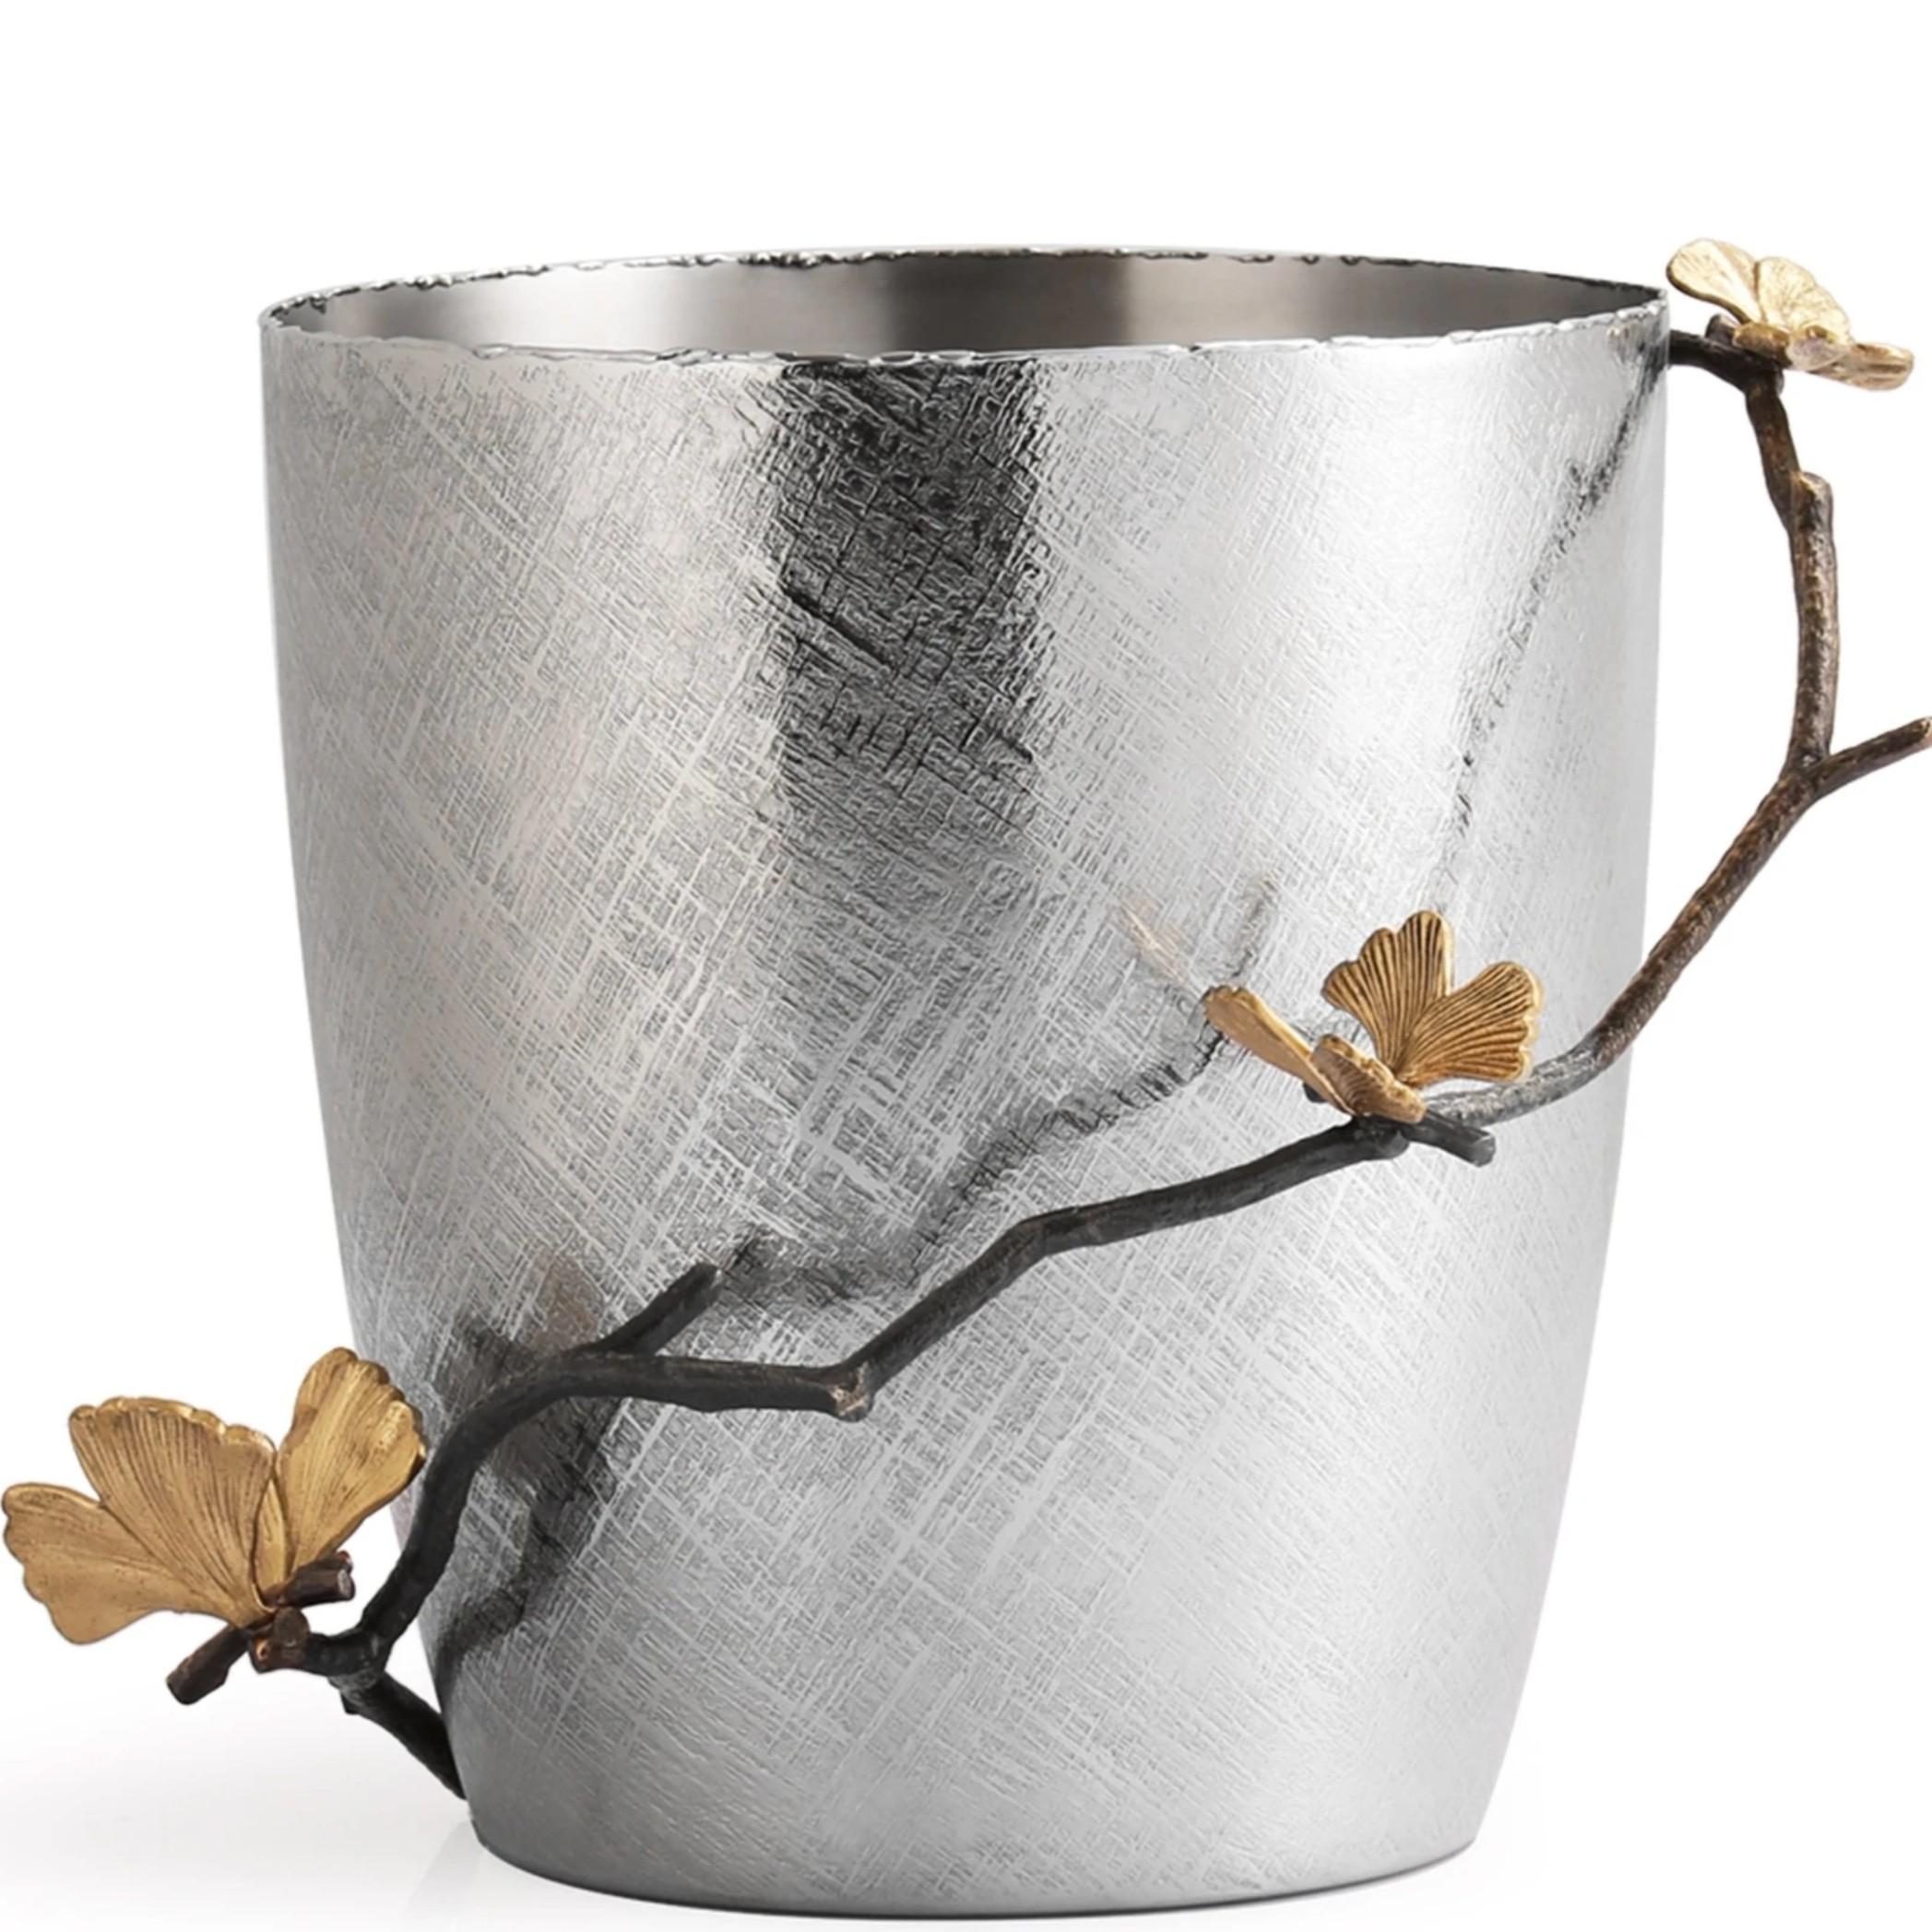 Michael Aram I Butterfly Ginkgo Ice Bucket